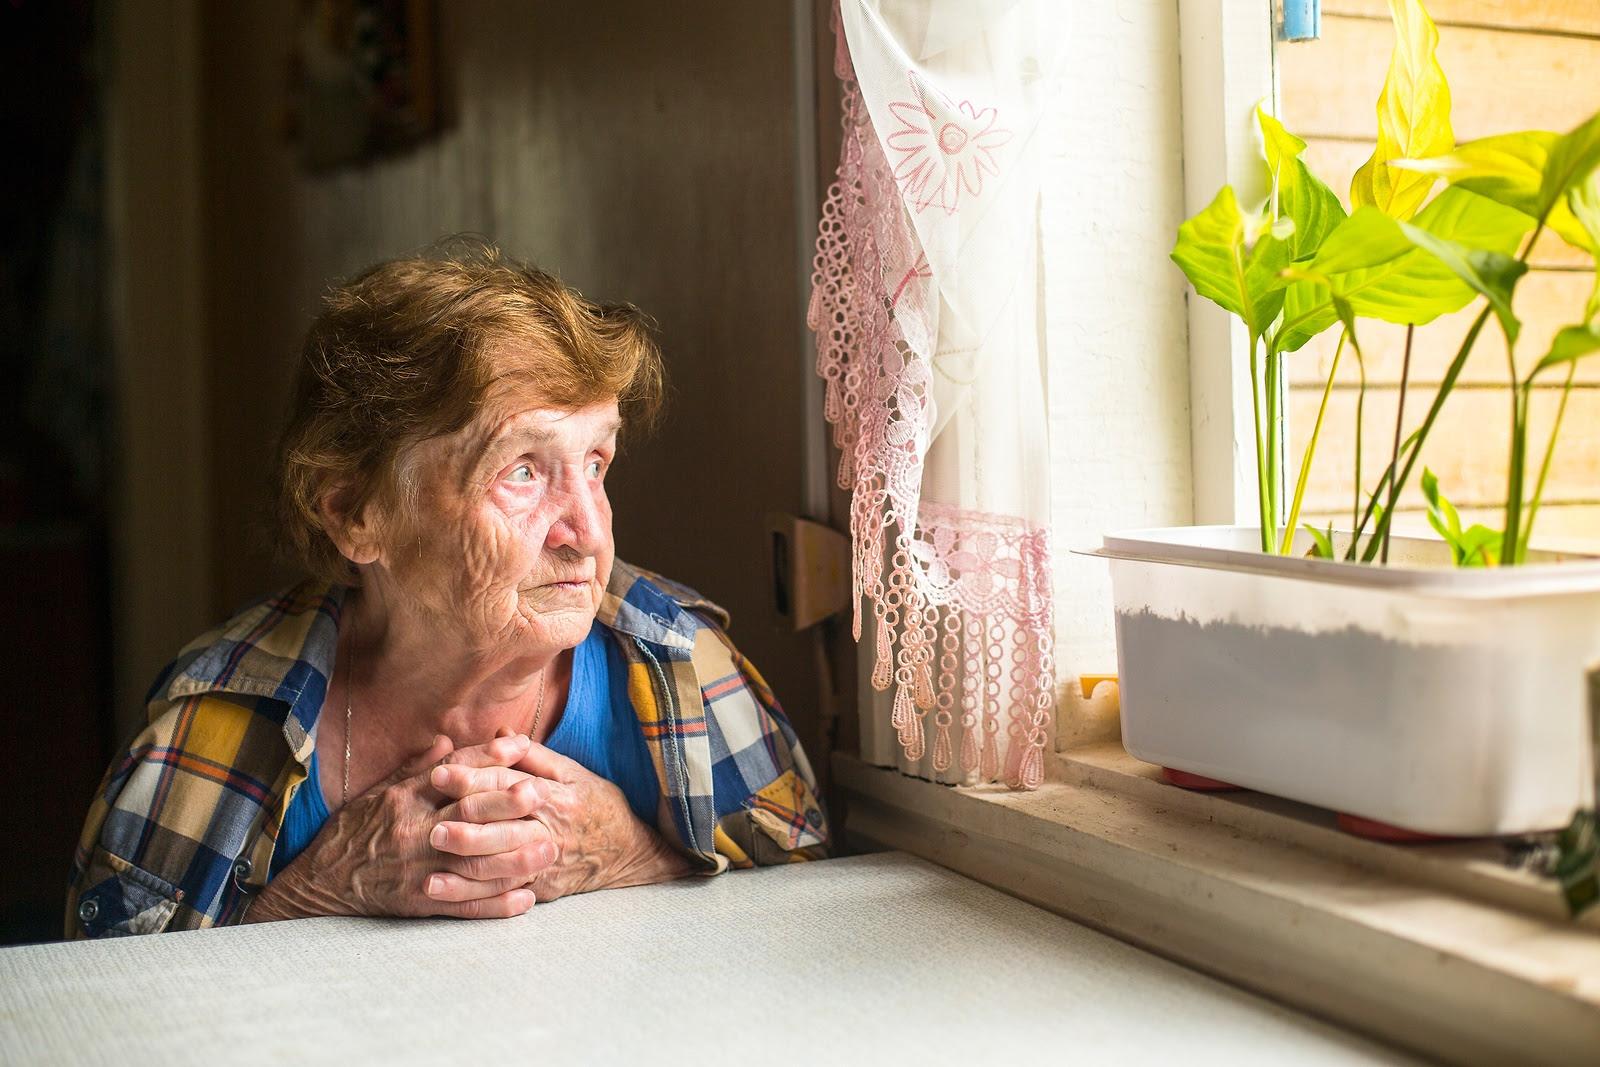 Resultado de imagem para seniors alone